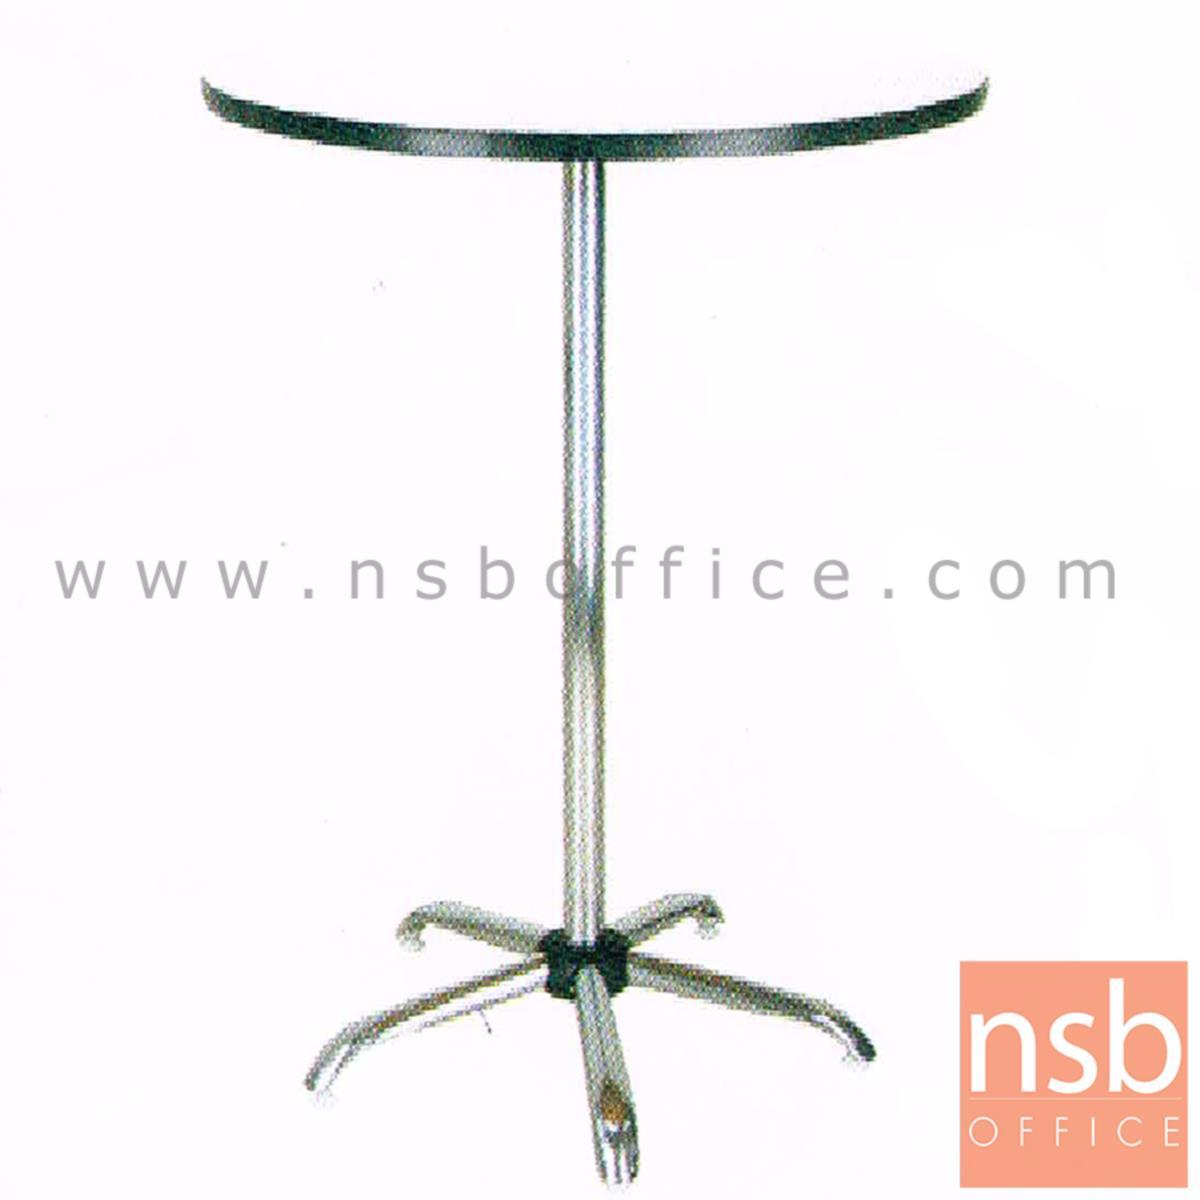 A07A080:โต๊ะคอฟฟี่ช็อป หน้าโฟเมก้า รุ่น Leicester (เลสเตอร์)  ขนาด 60Di 110H cm. โครงขาเหล็ก 5 แฉก ชุบโครเมี่ยม